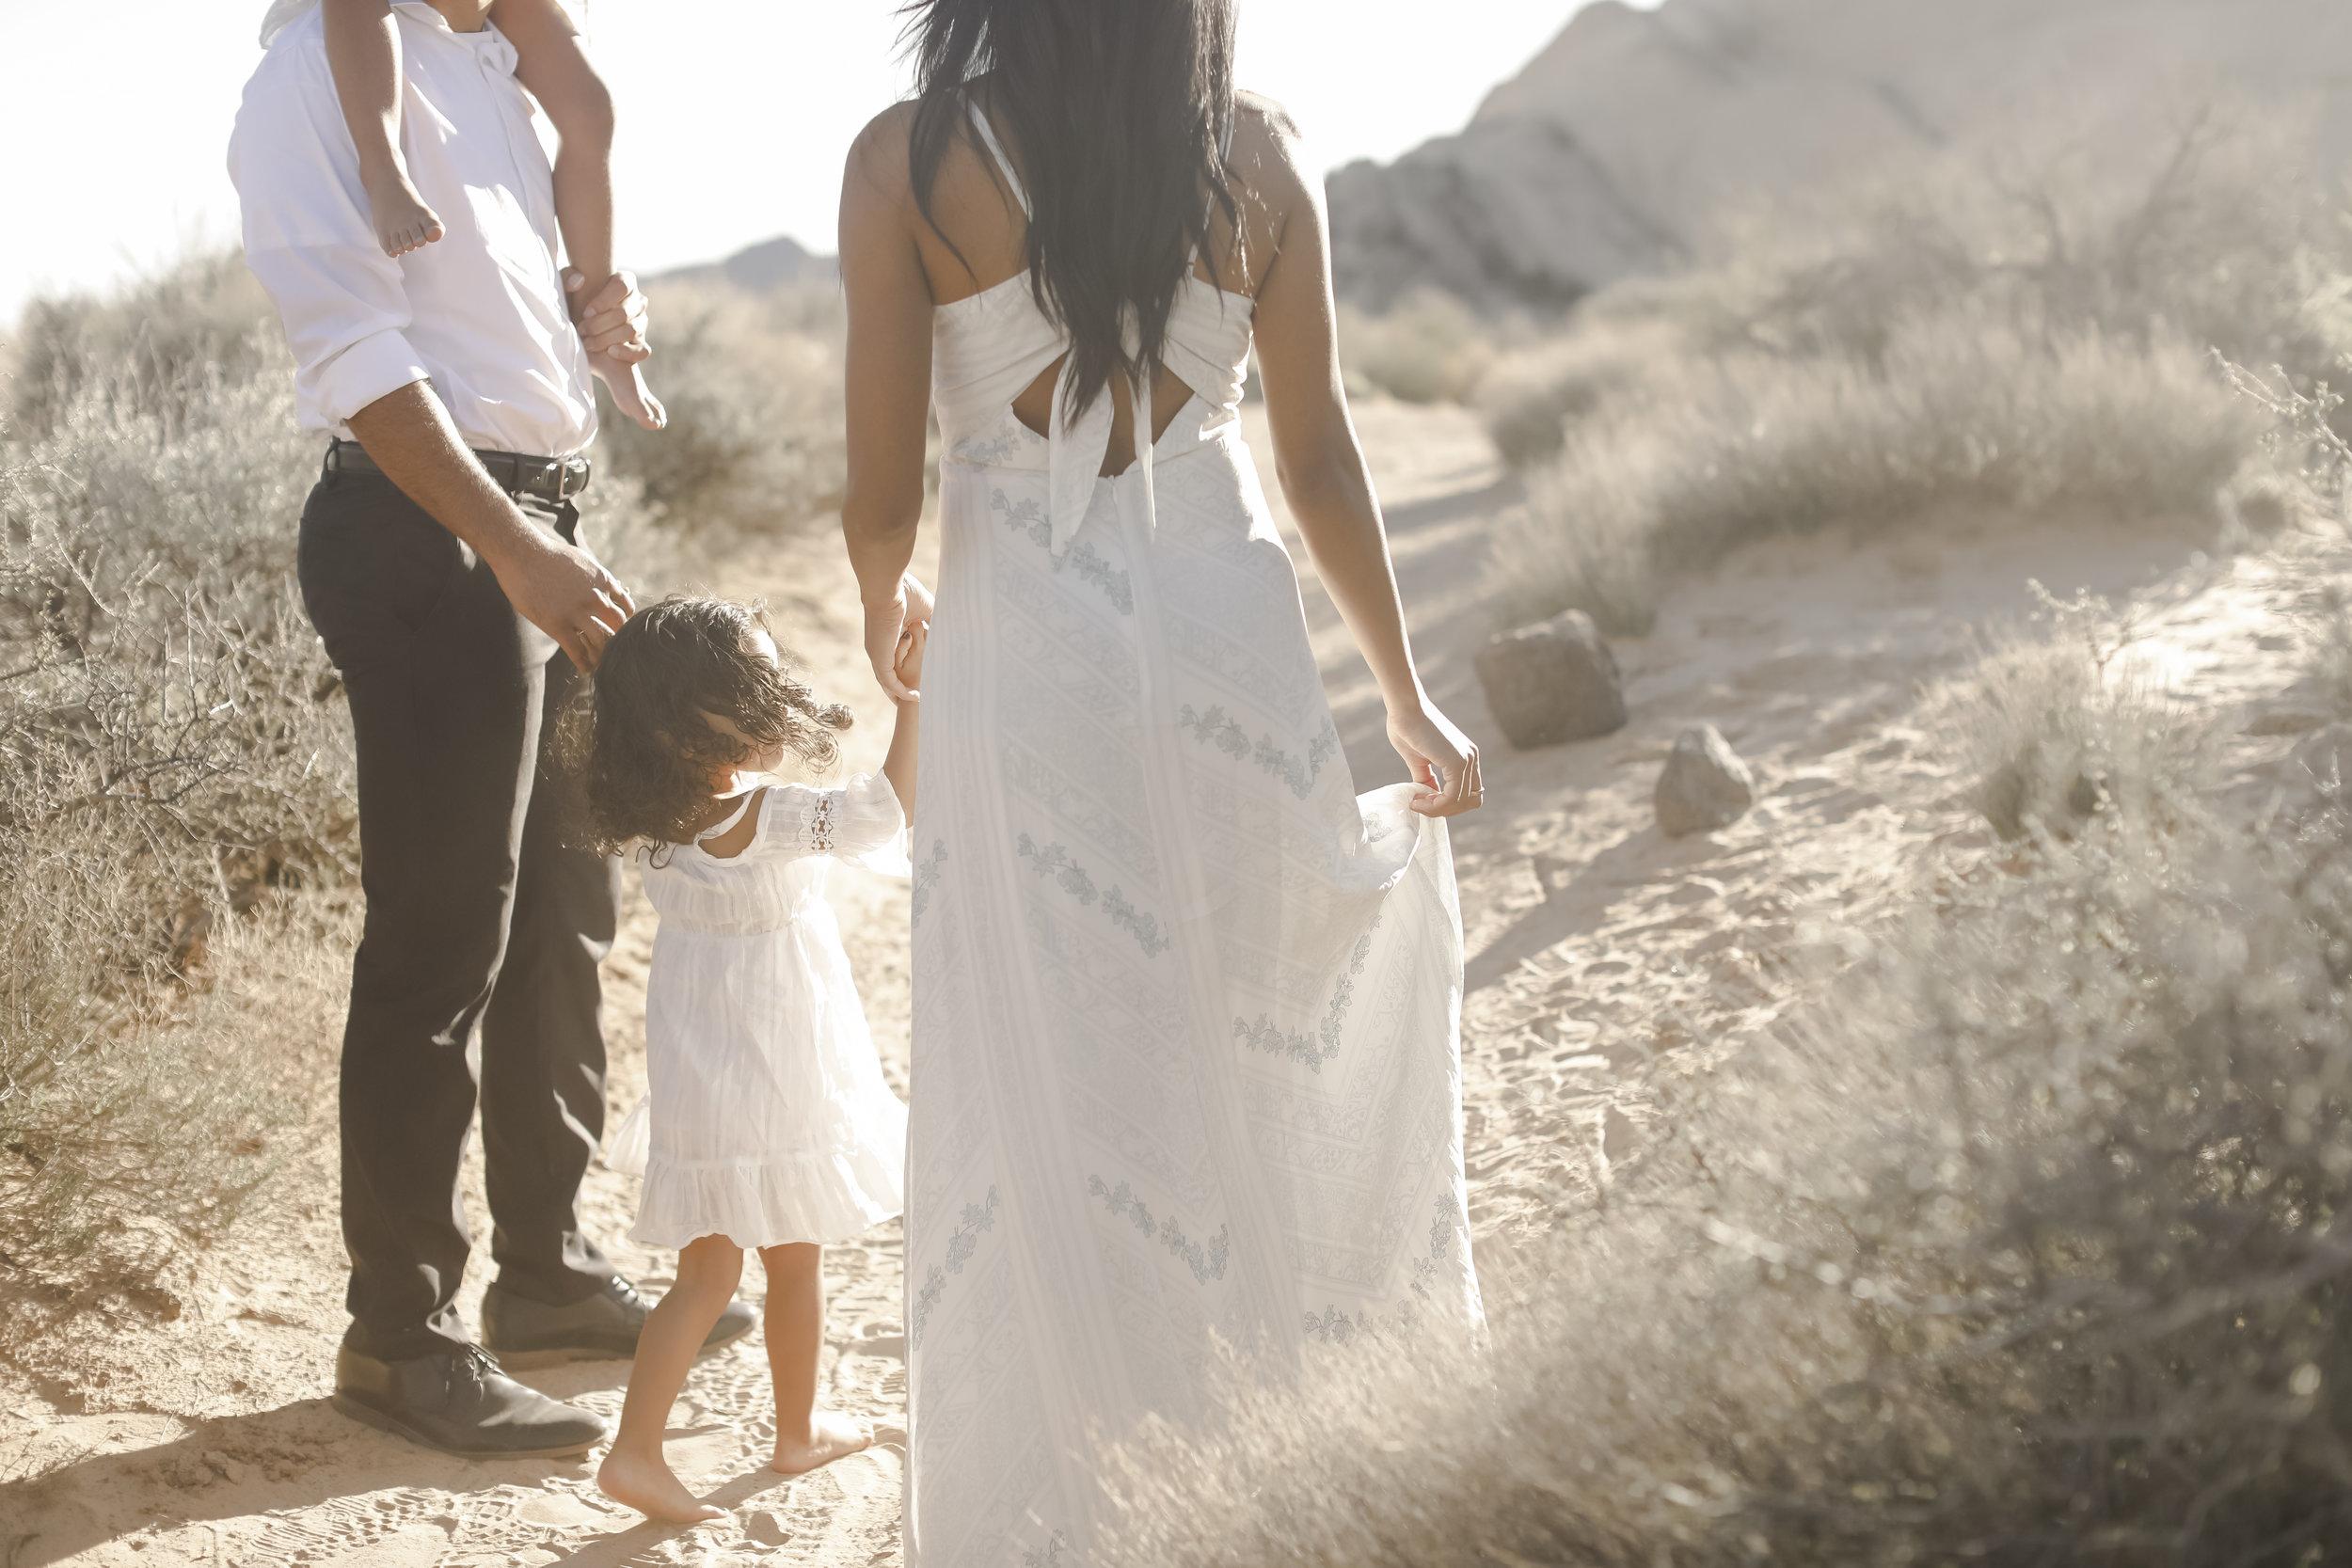 whiterocksfamily-ahp-00057.jpg